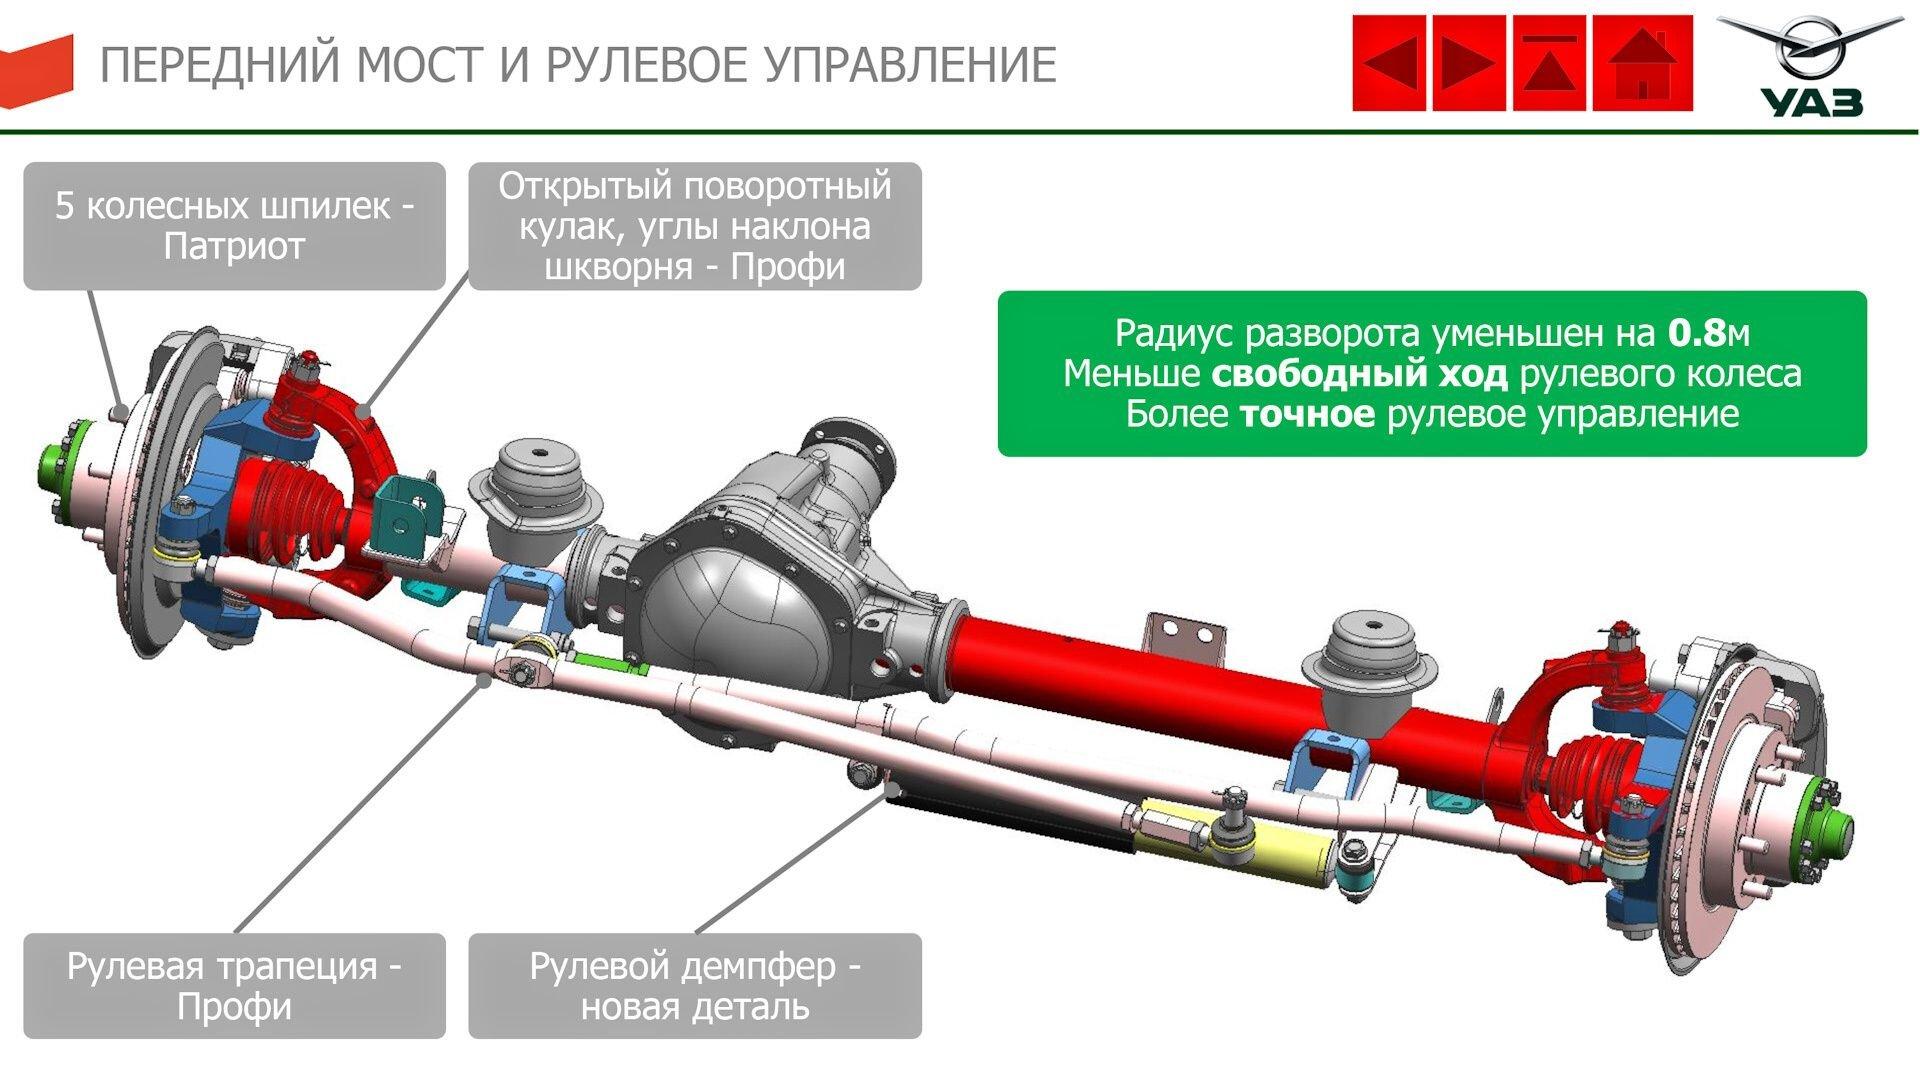 передний мост и рулевое управление УАЗ Патриот 2021